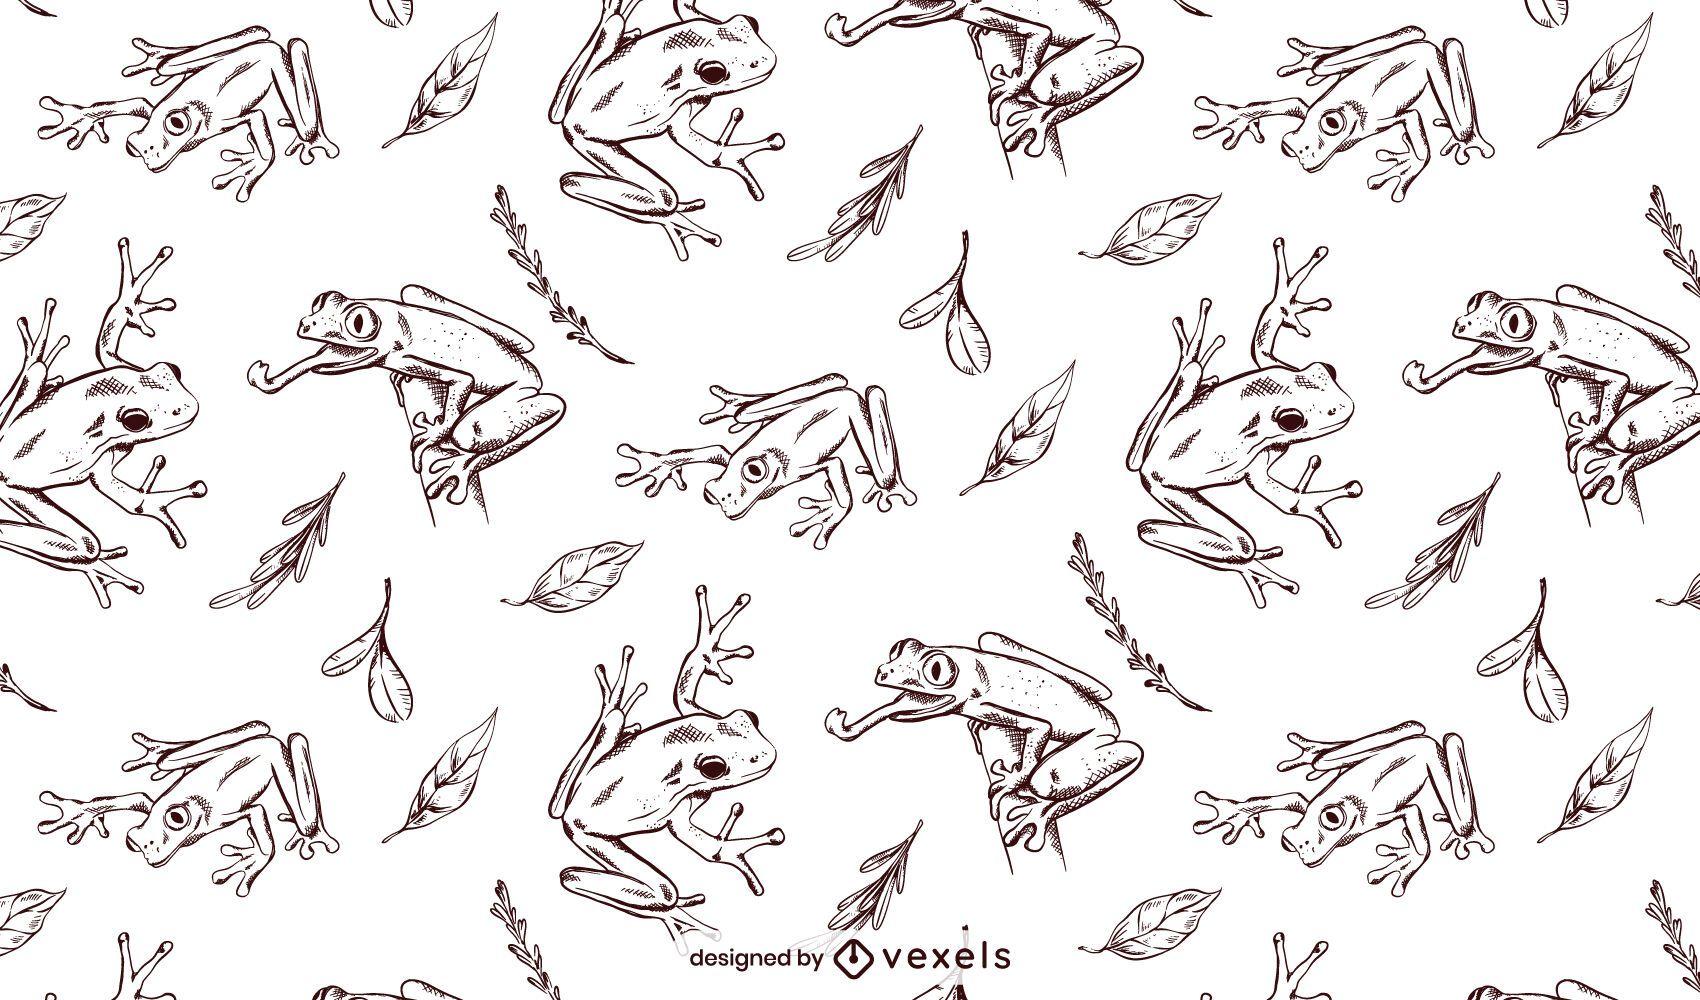 Diseño de patrón de rana dibujada a mano